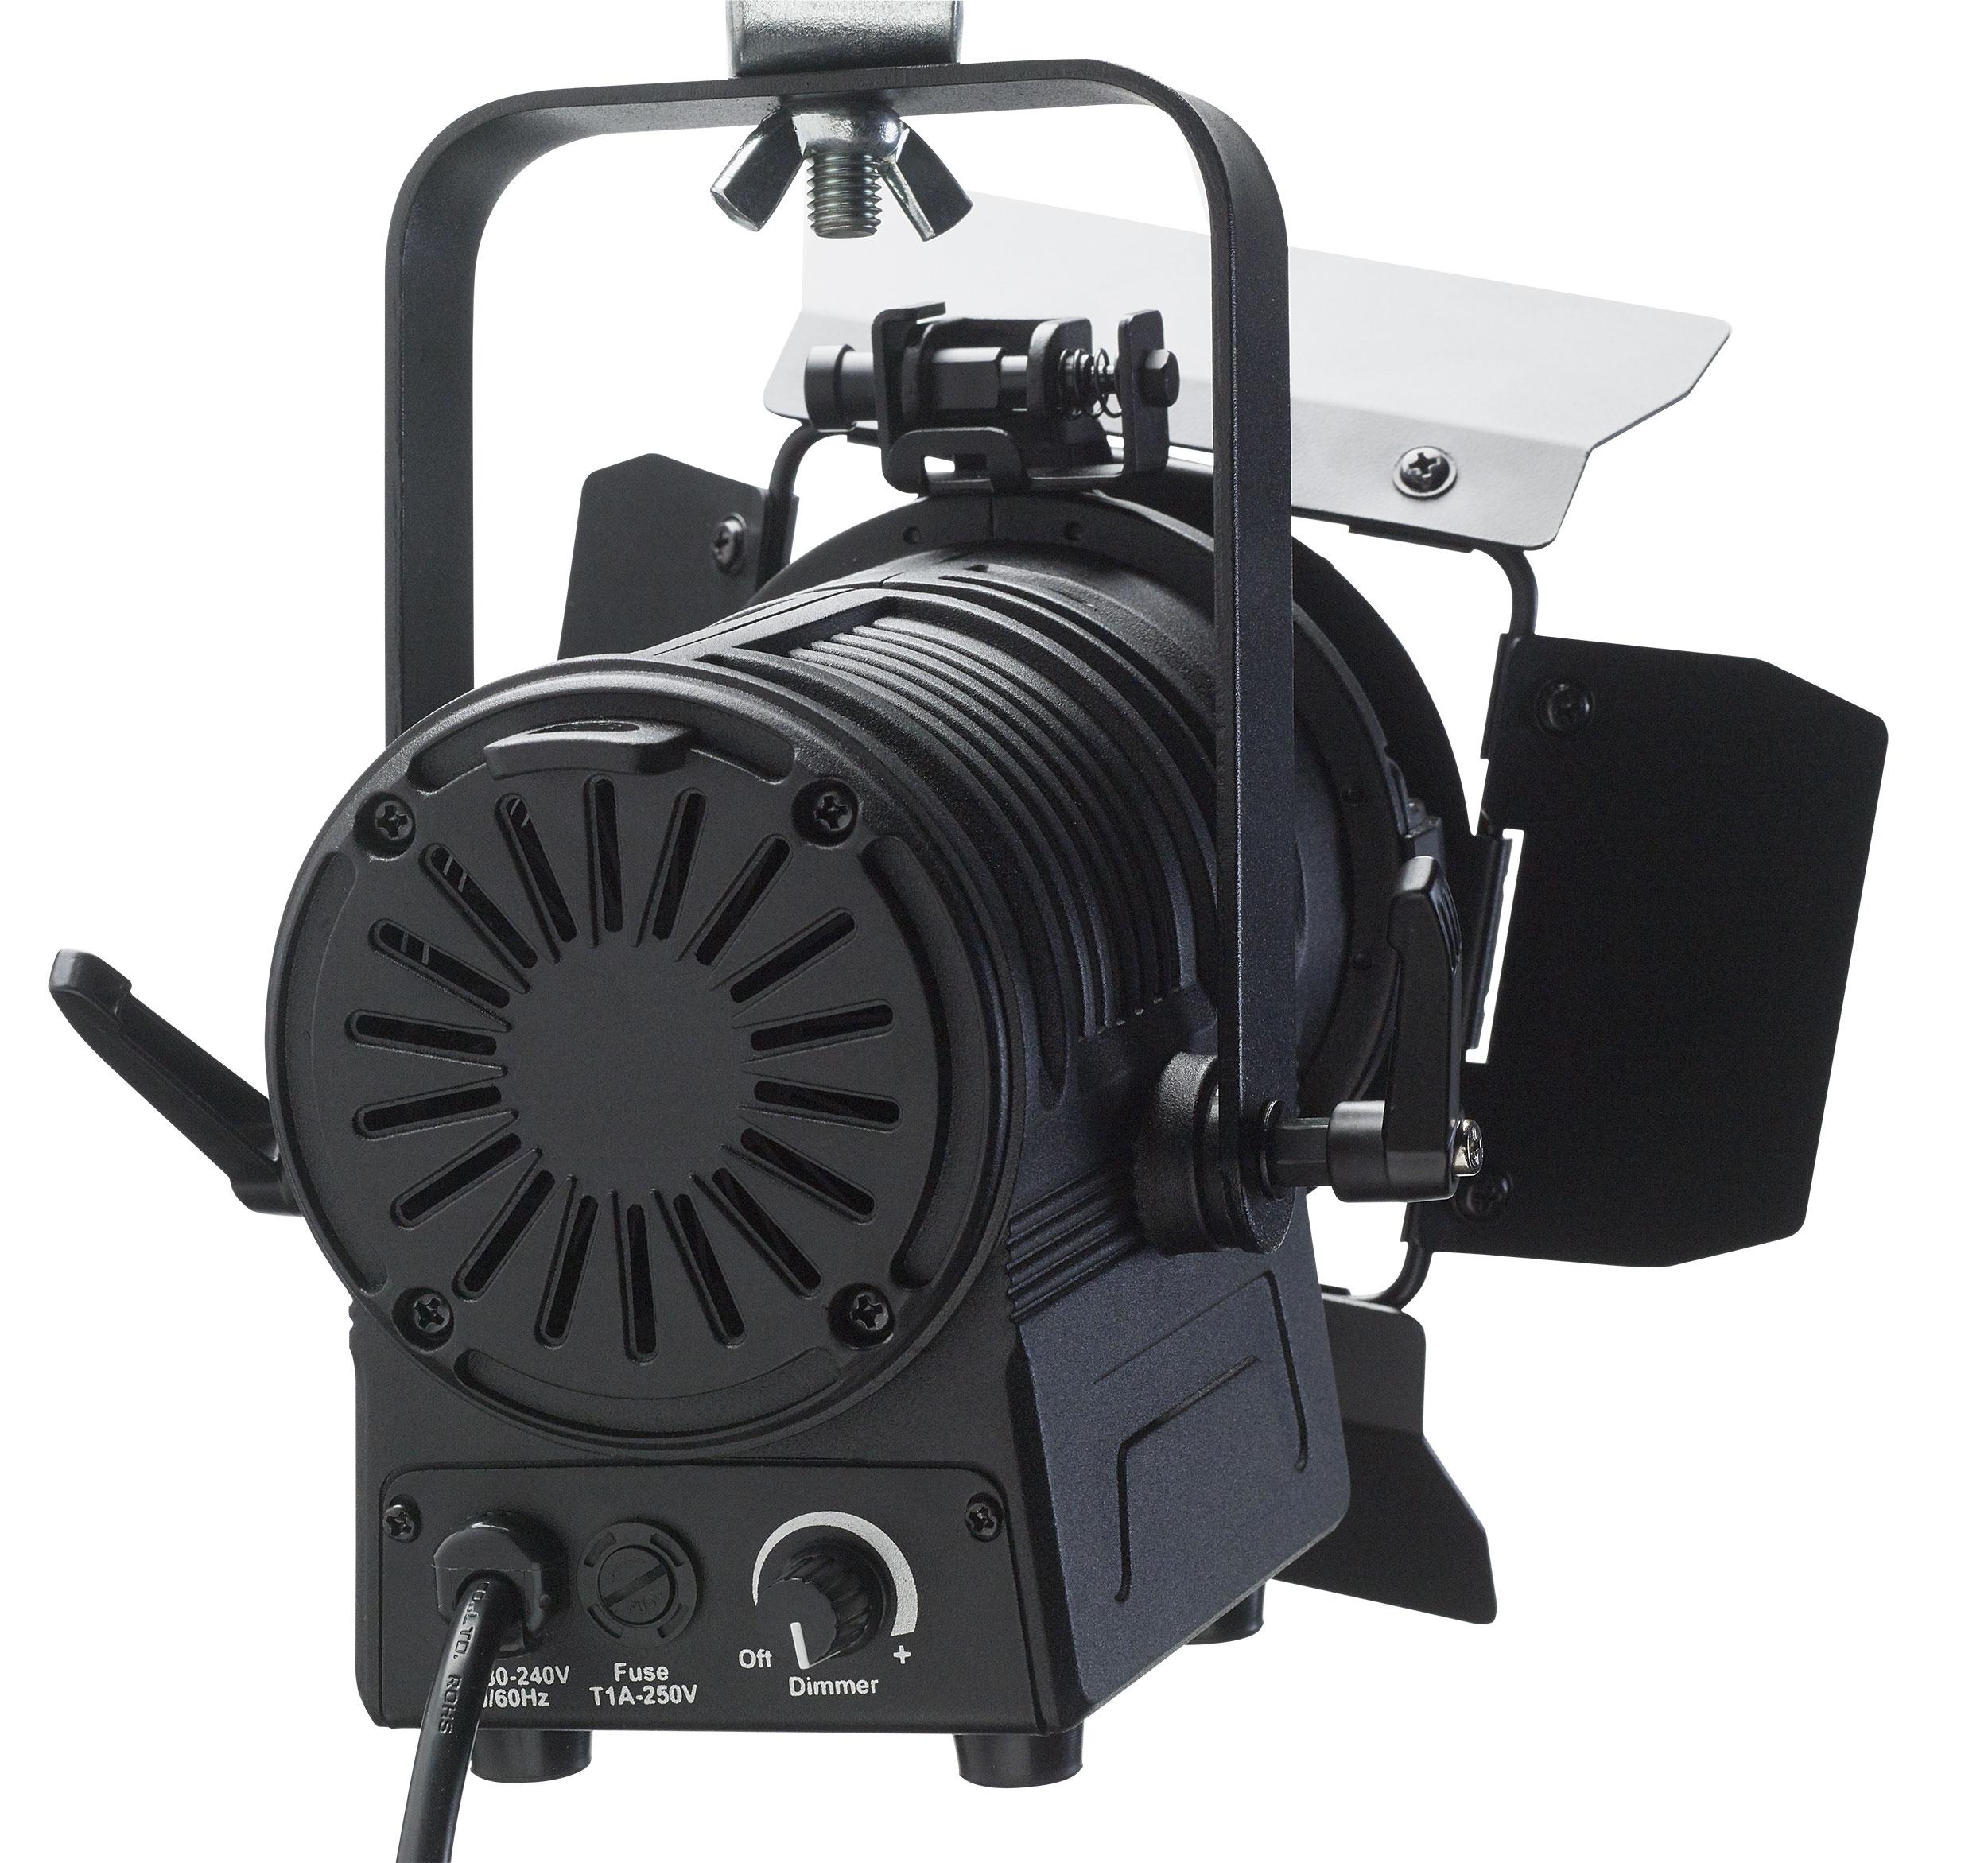 Projecteur PC 20W SFX-PC20dimWb Led Blanc chaud réglable et dimmable